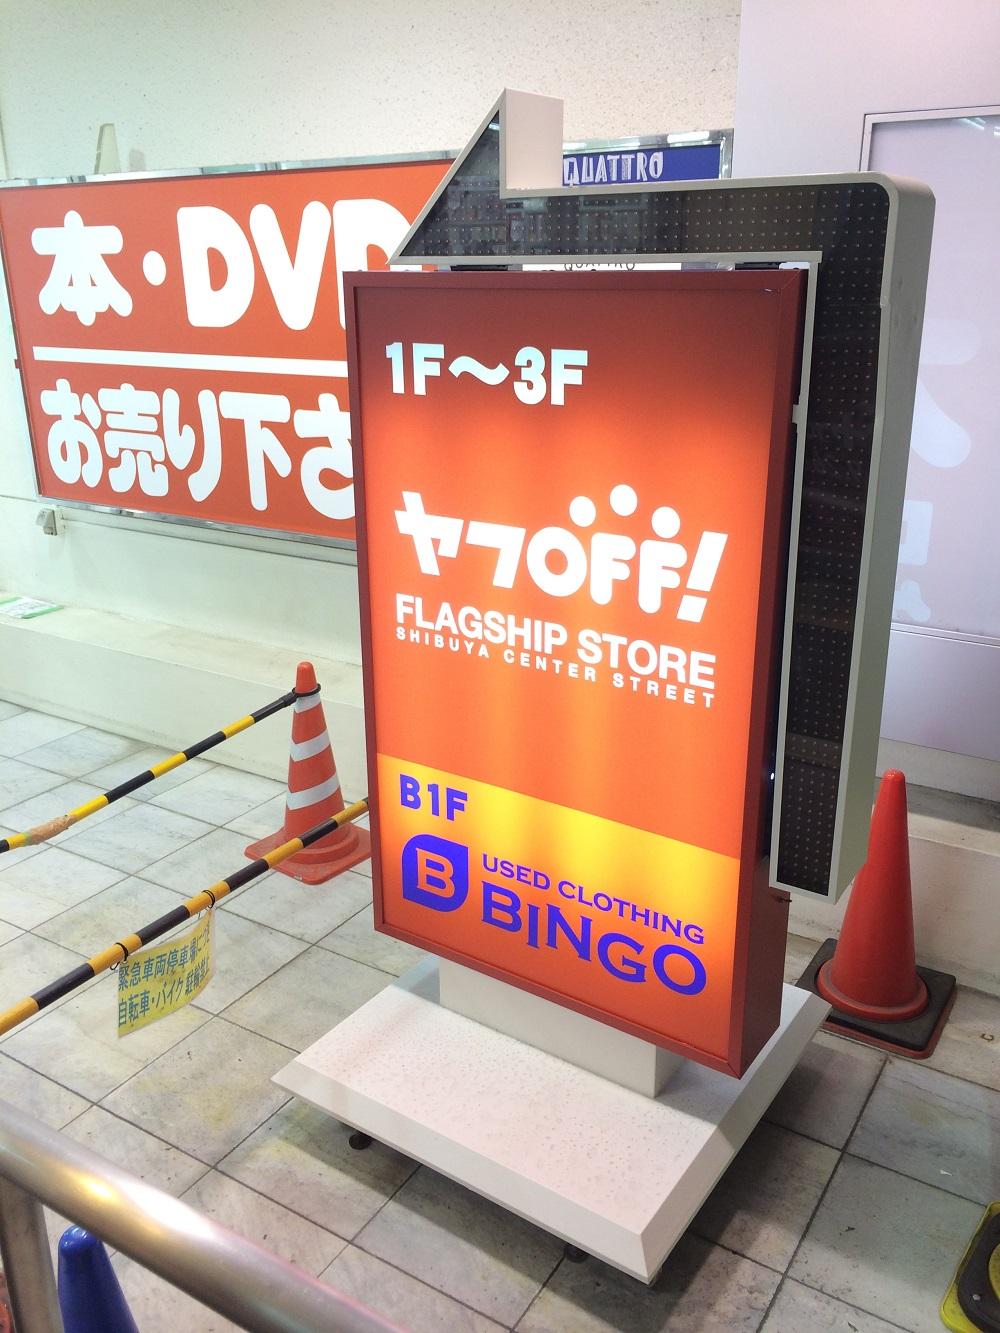 渋谷にヤフオクとbookoffのコラボ店「ヤフOFF」が誕生!ヤフープレミアム会員なら店舗に行けば毎月3冊、本を無料でもらえるゾ!